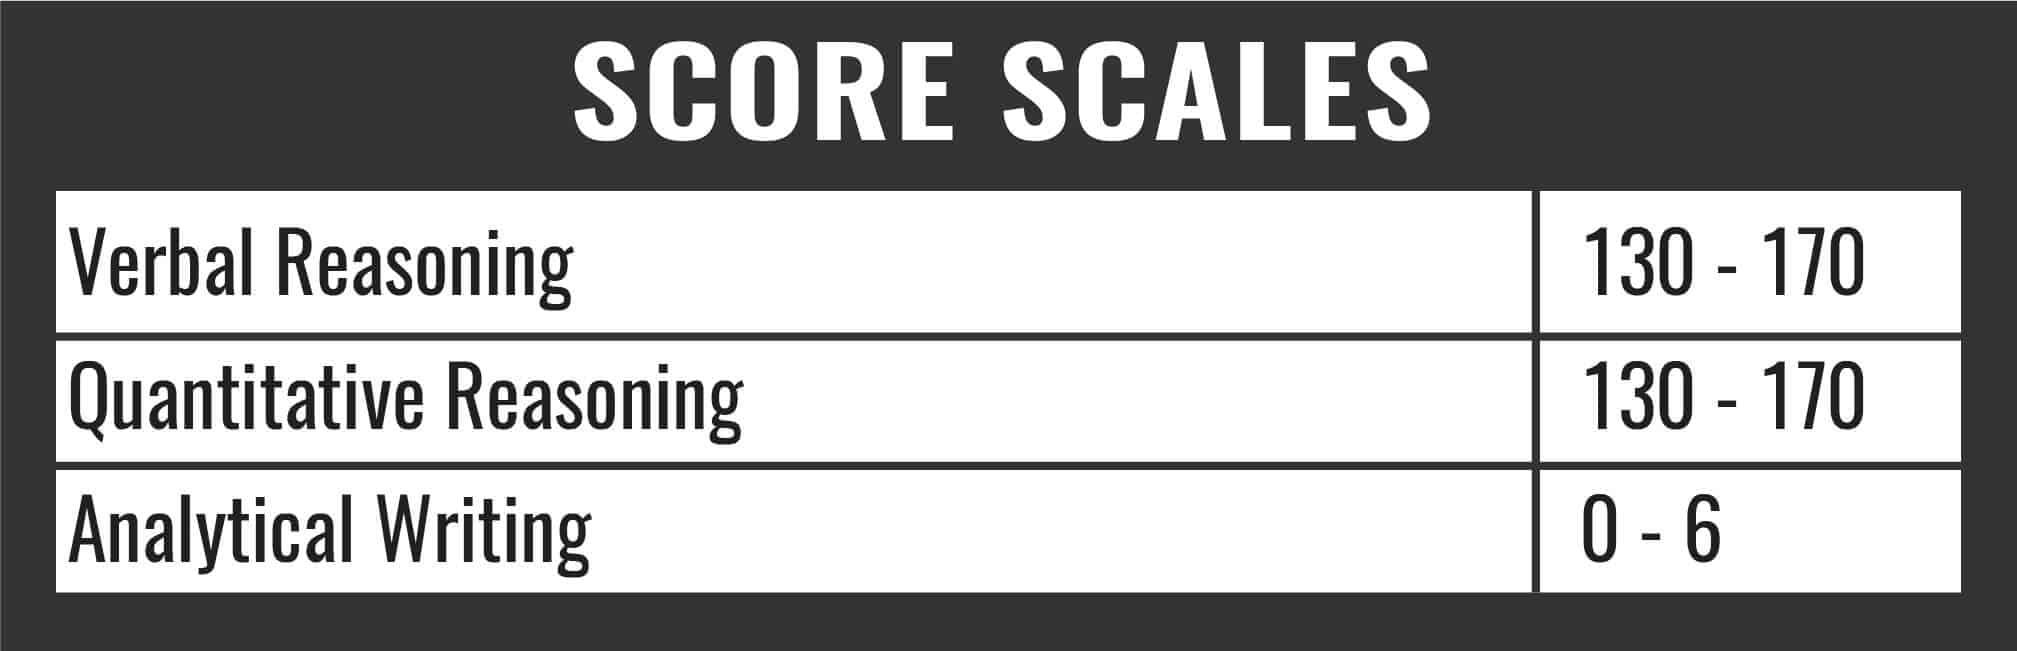 GRE Score Scales